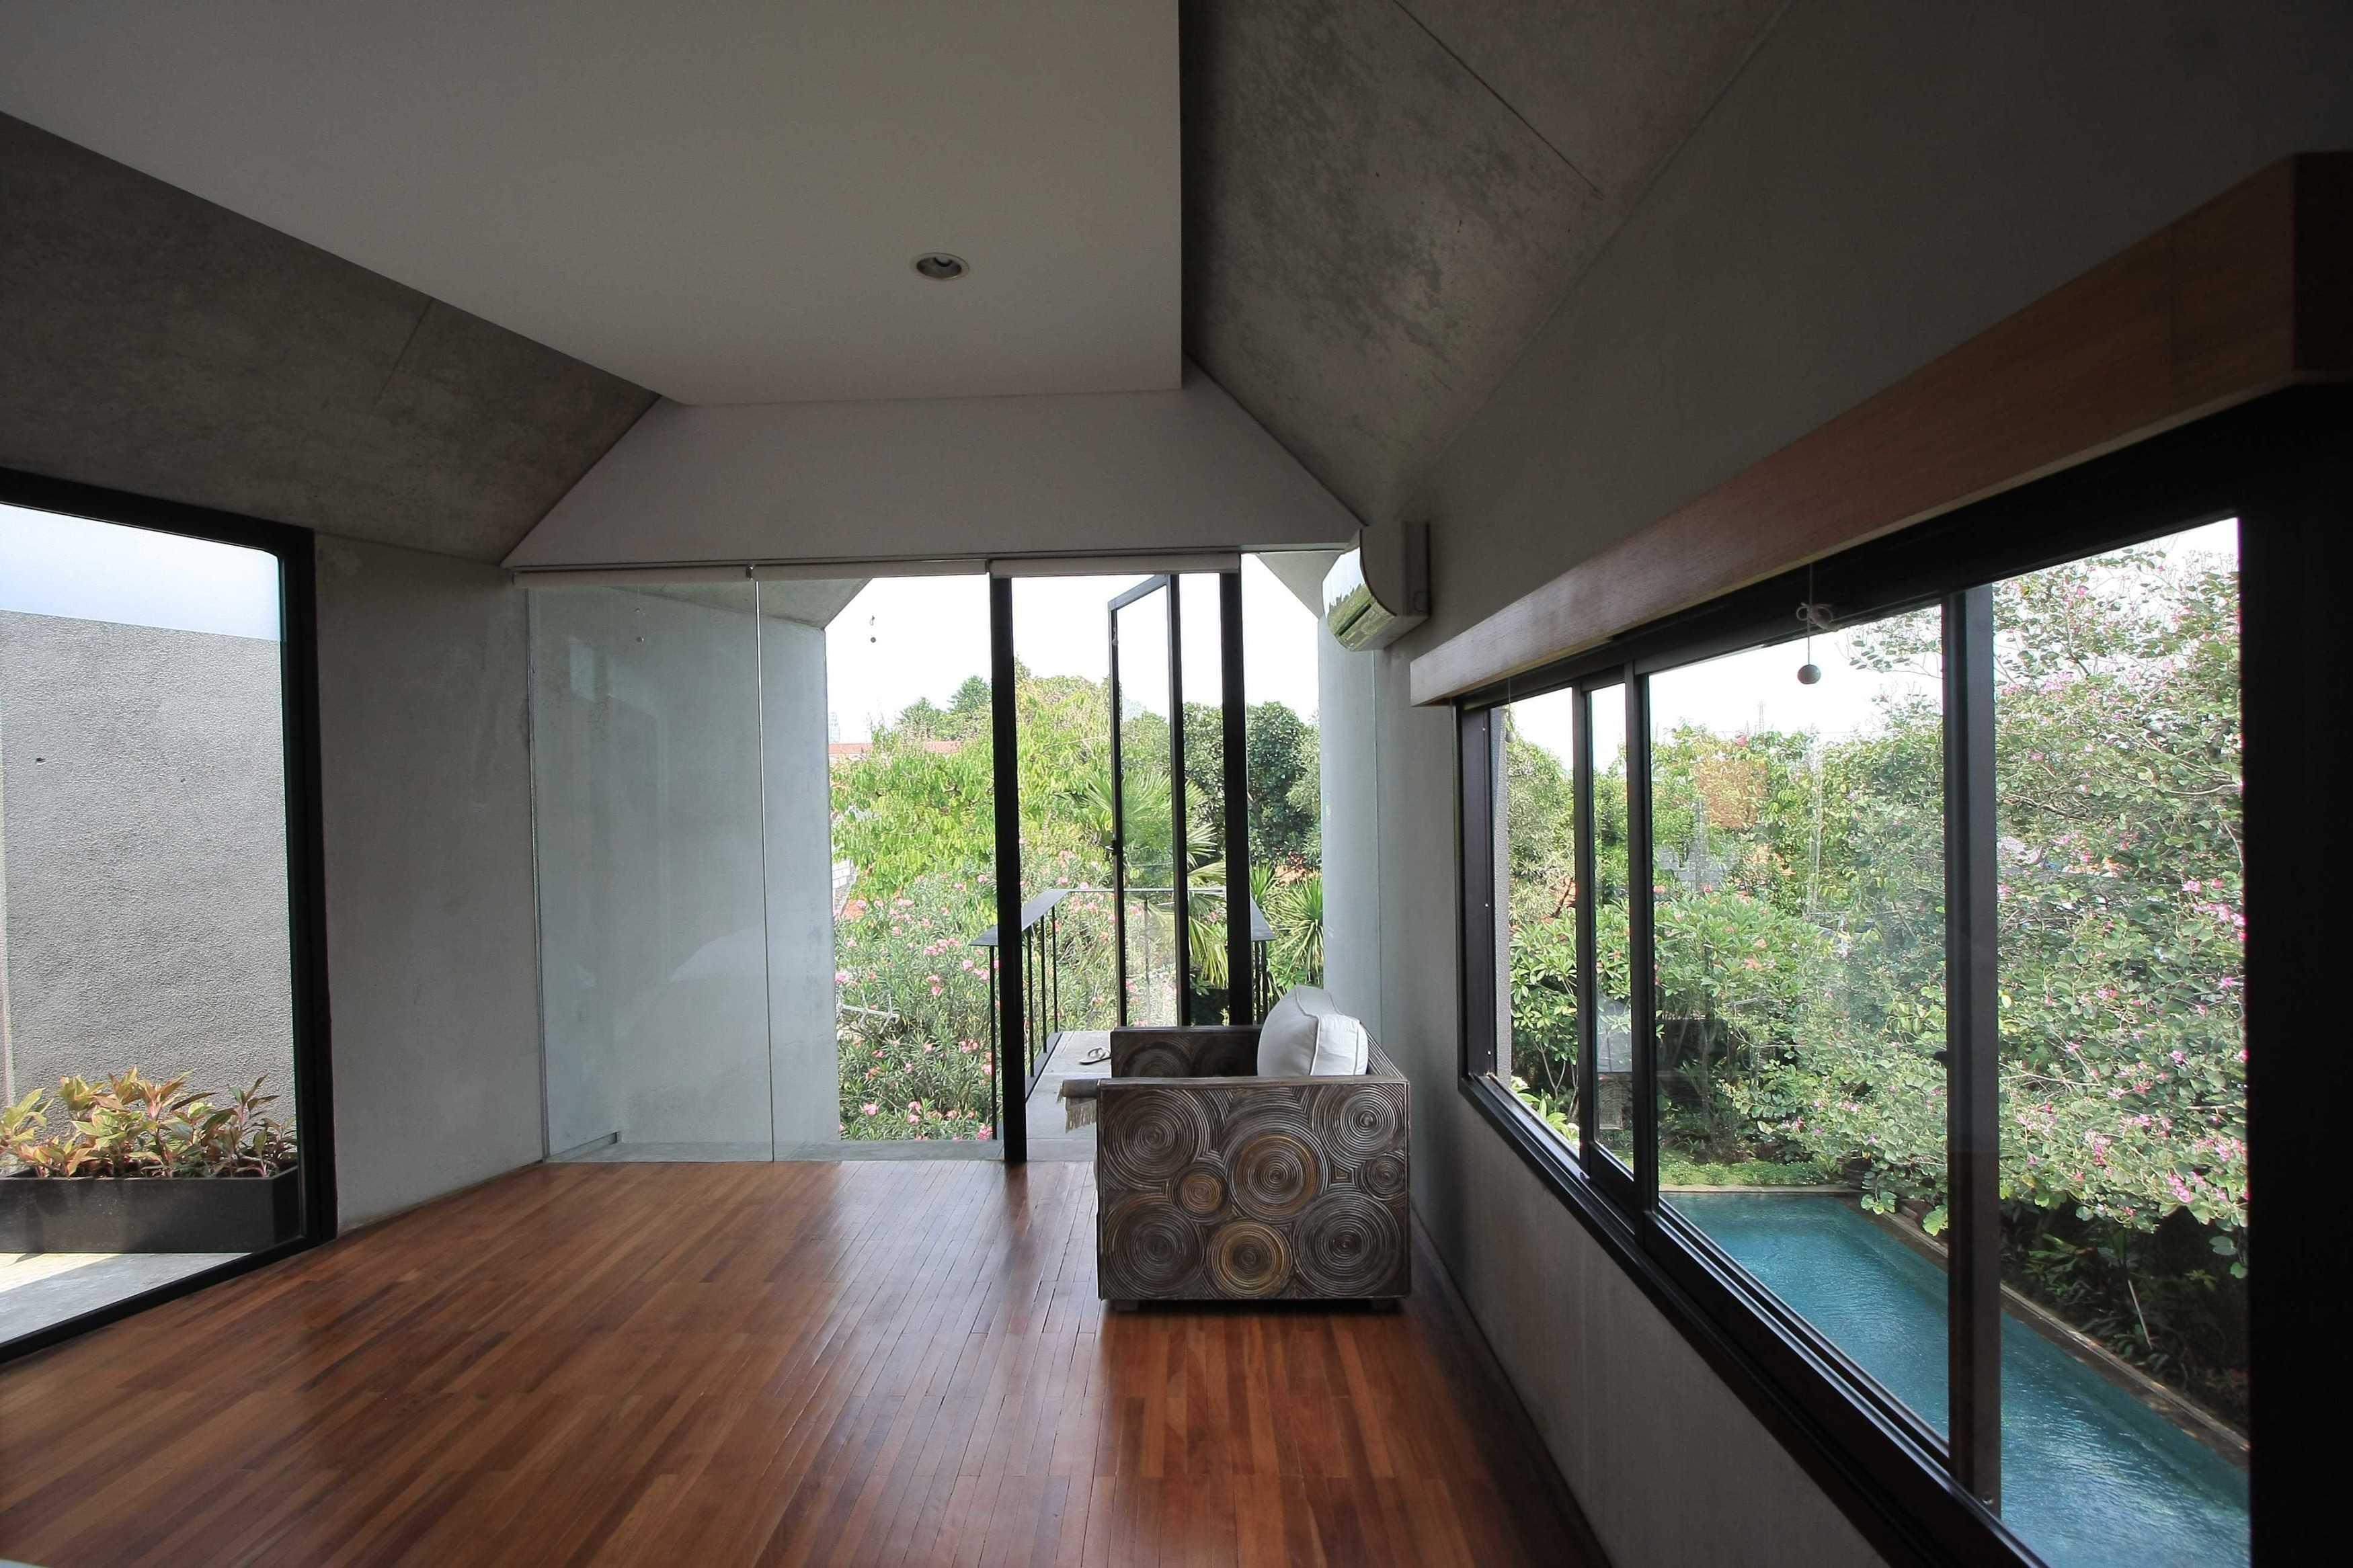 Sub Swadaya House Jakarta, Indonesia Jakarta, Indonesia 2Nd Floor Room   9343